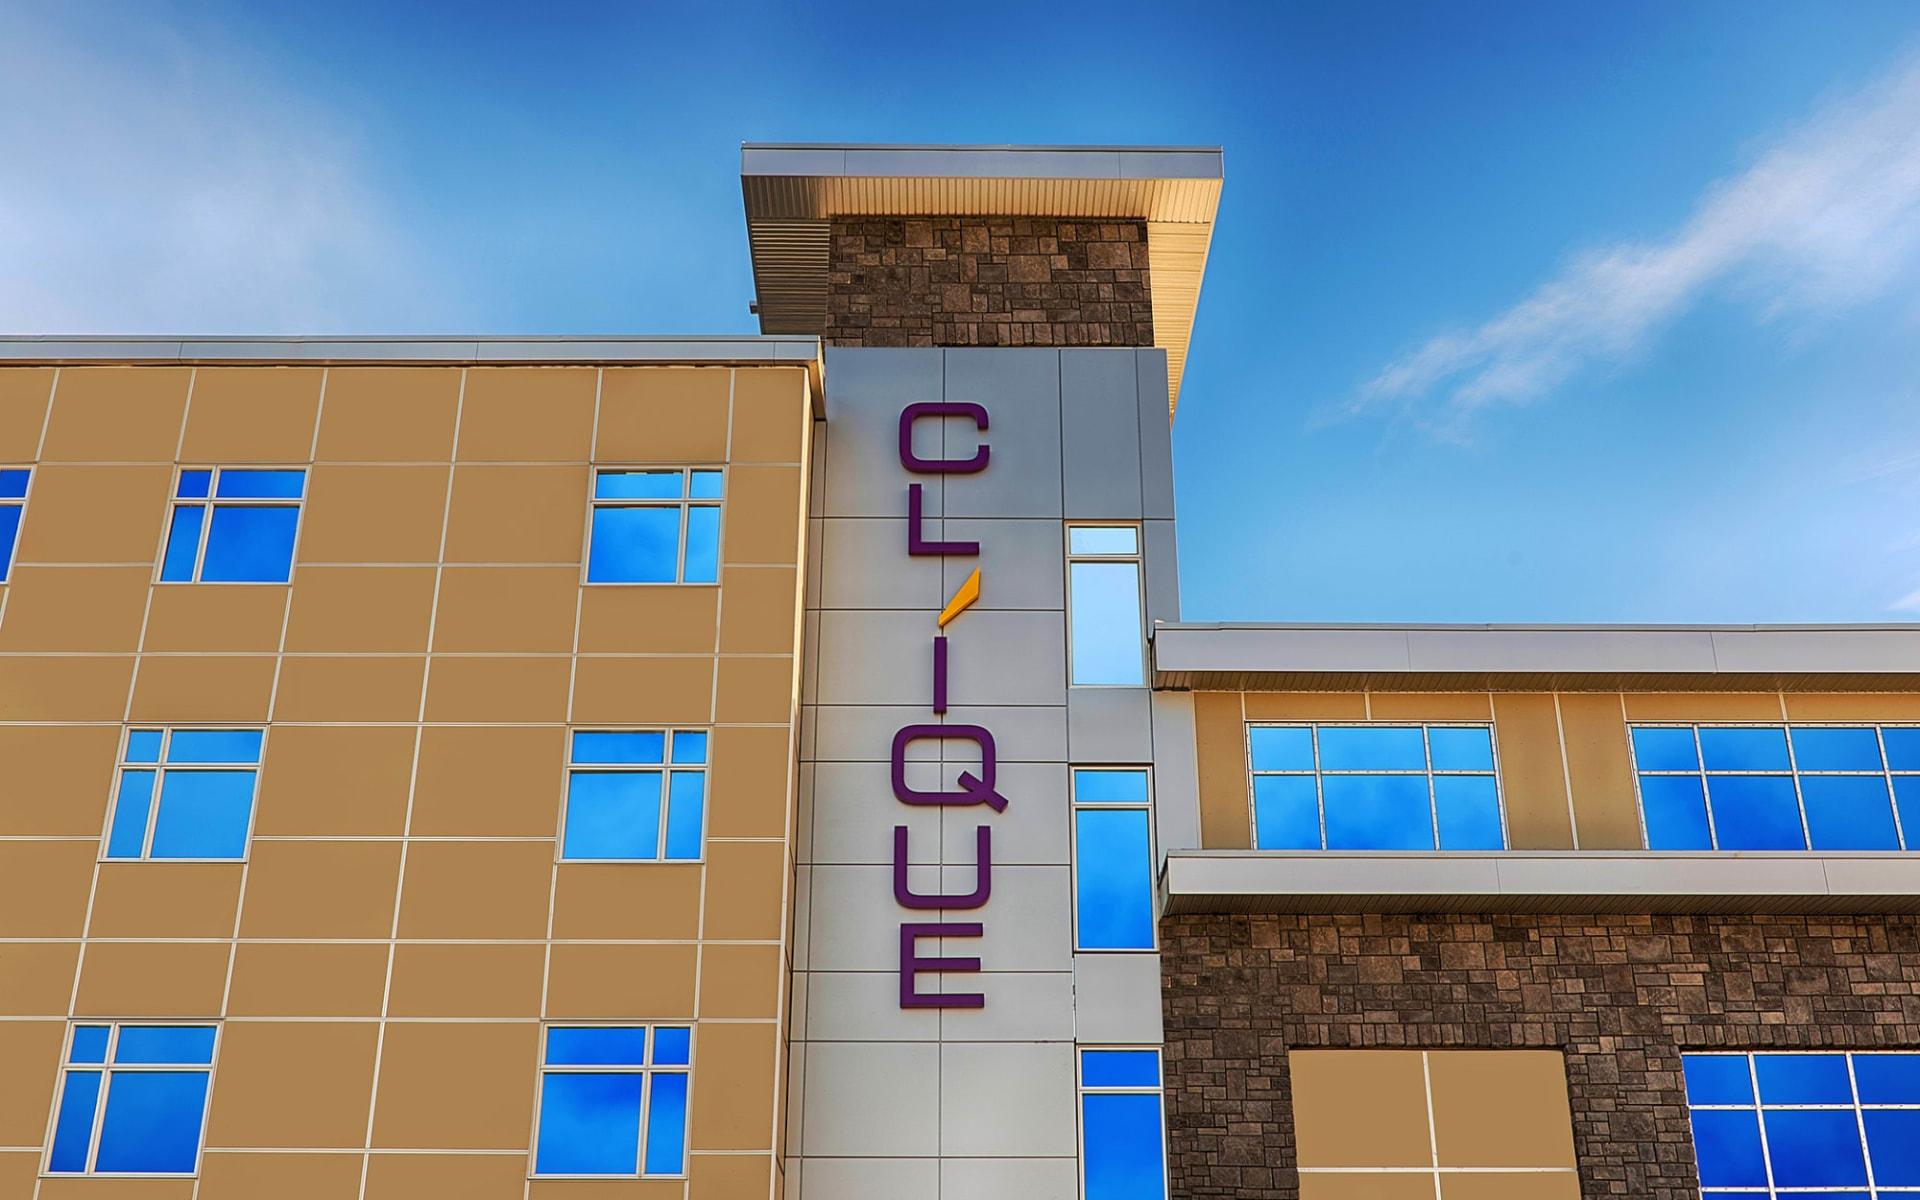 Hotel Clique Calgary Airport:  Hotel Clique Calgary Airport